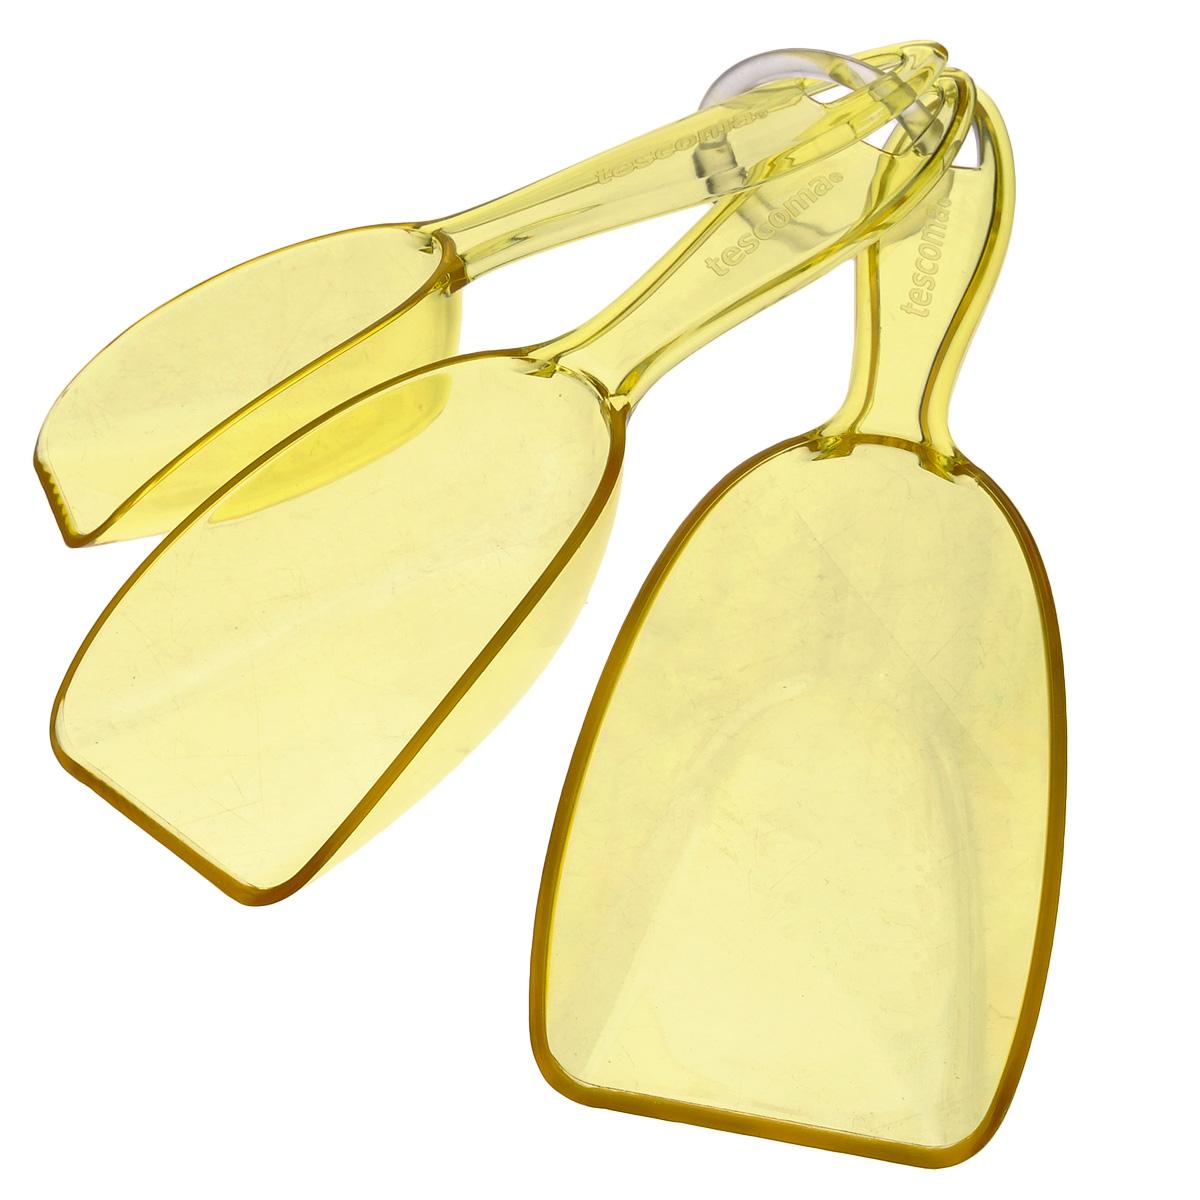 """Ложка для сыпучих продуктов Tescoma """"Presto"""", цвет: желтый, 3 шт"""